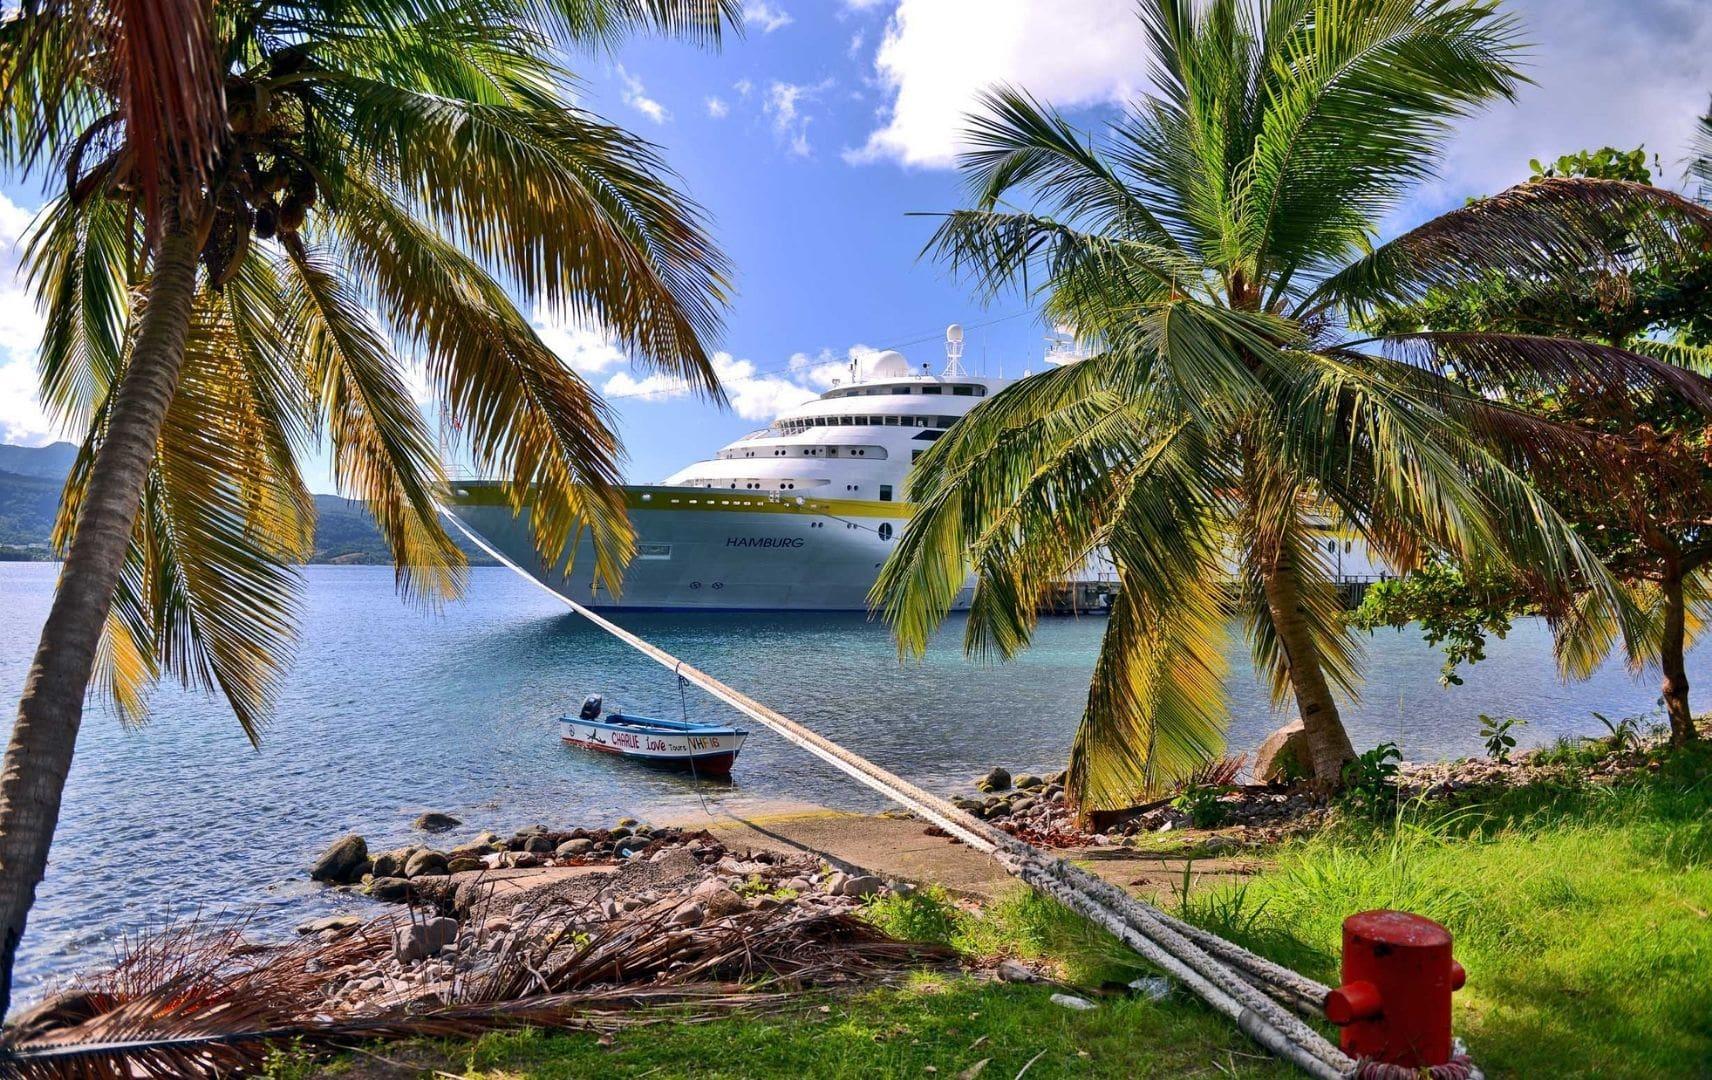 Insel mit Palmen und großes Schiff